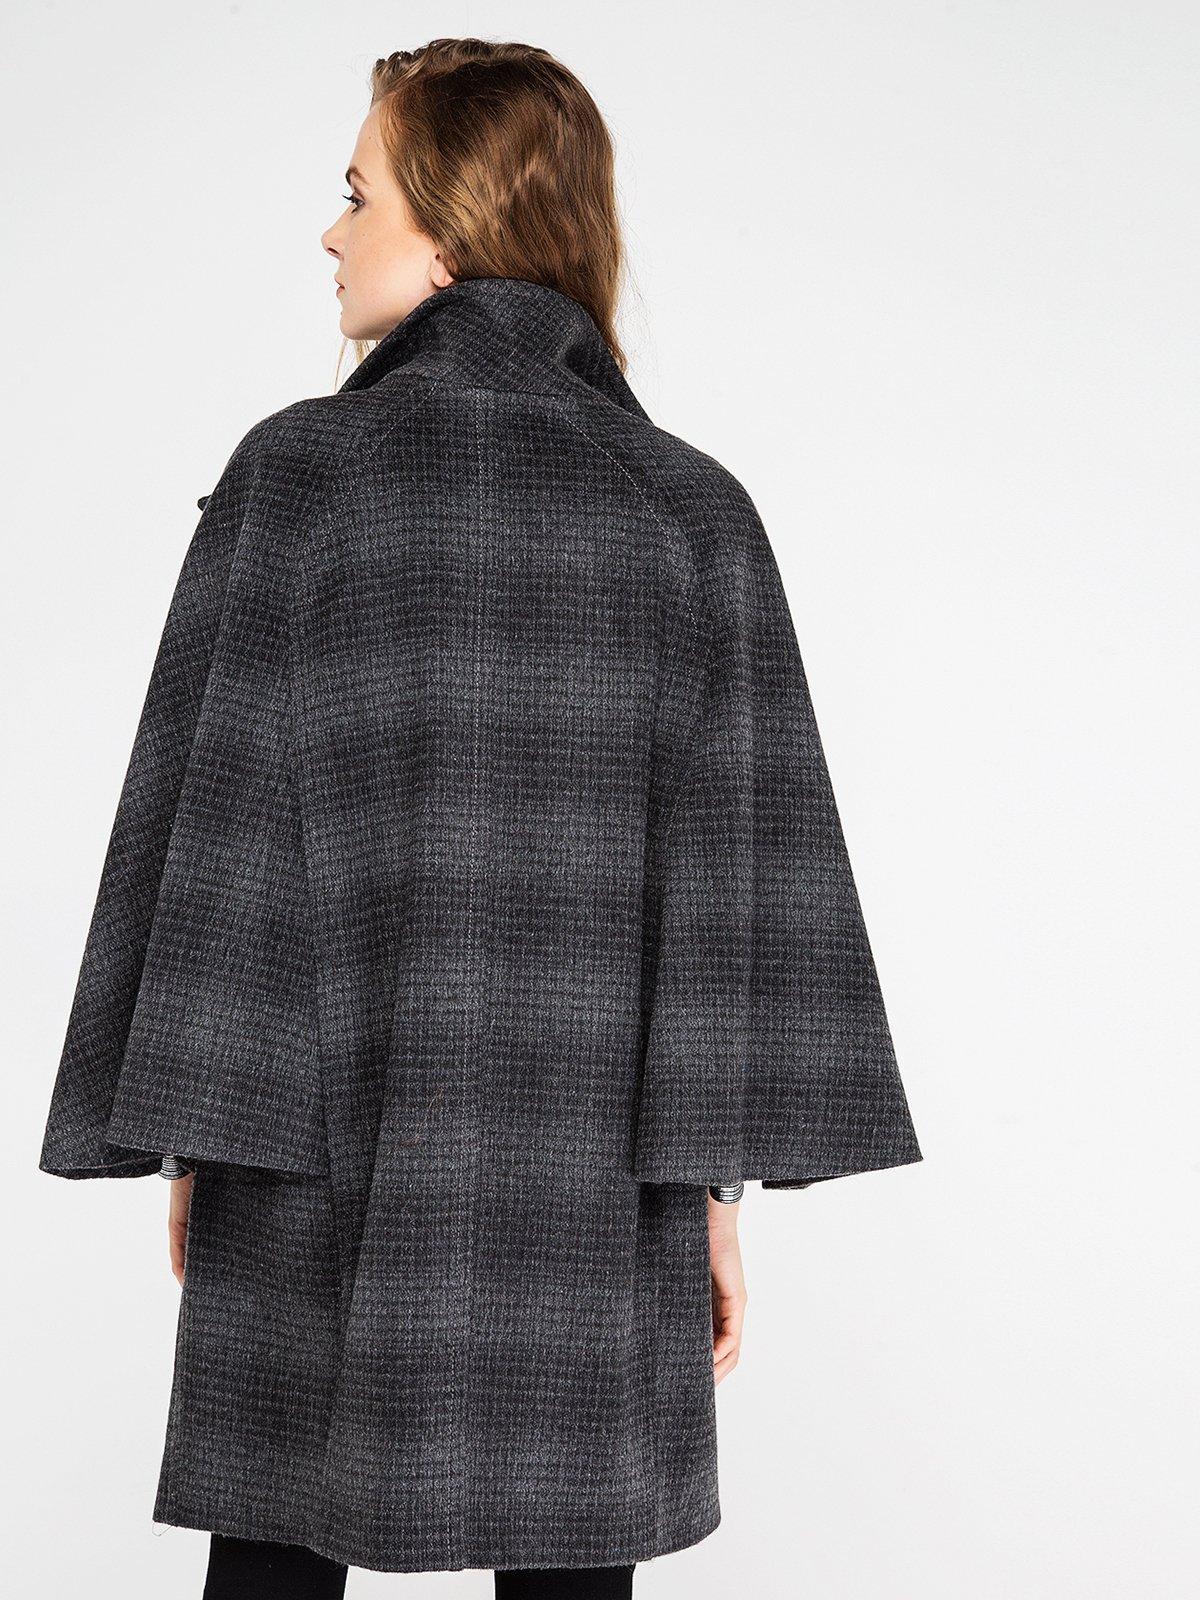 Пальто клетчатое | 3606575 | фото 4